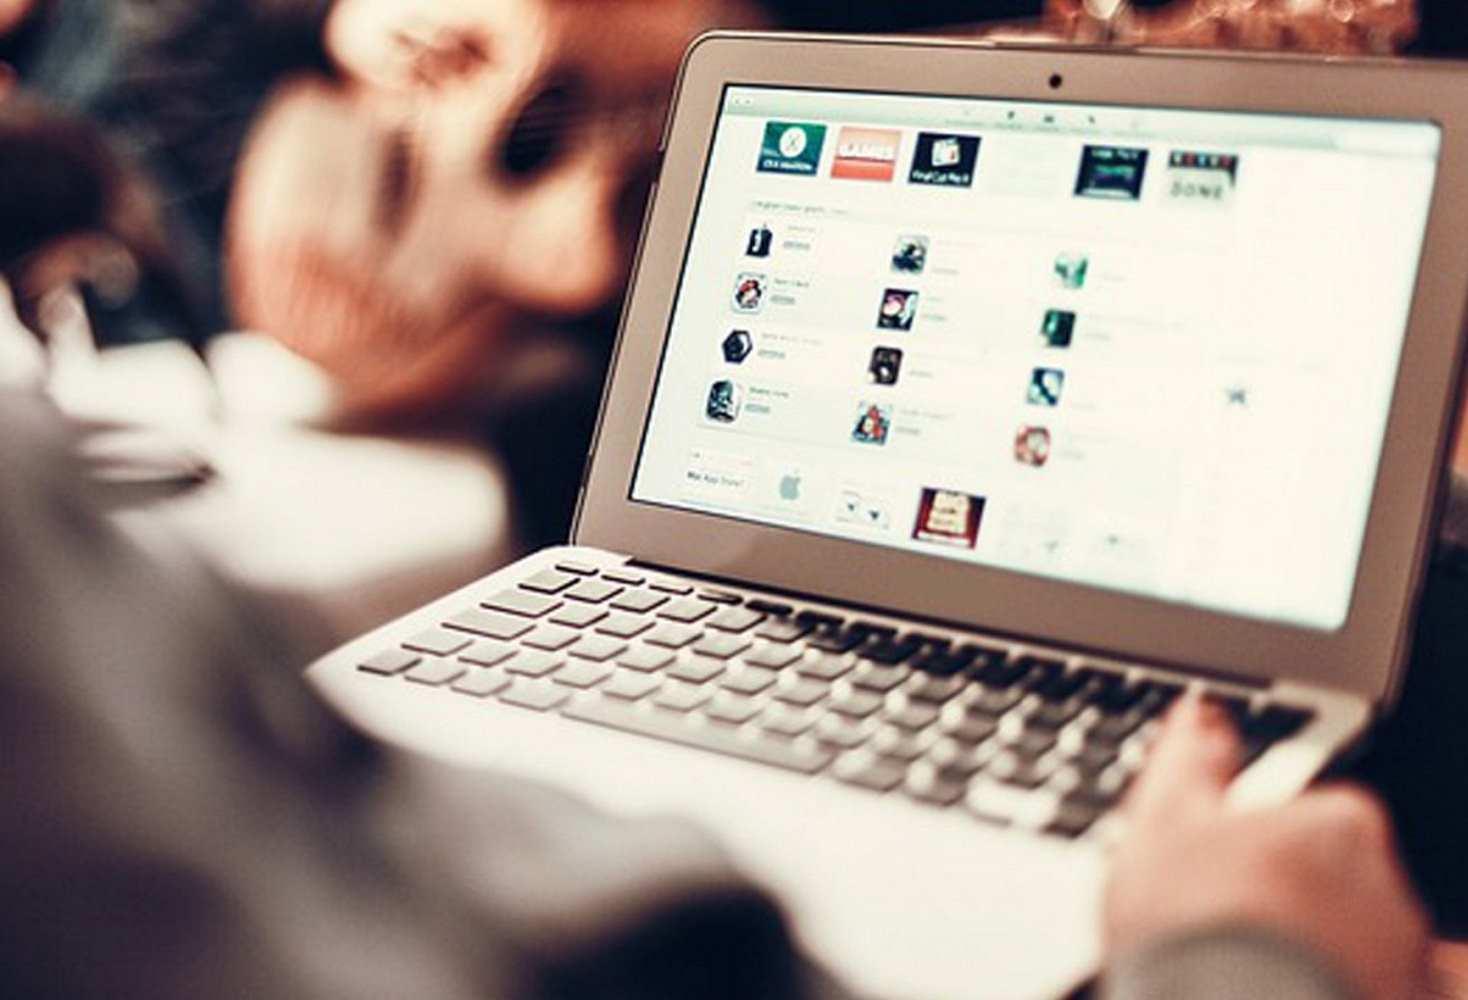 Российские платформы для онлайн-обучения в школах запустят в 2022 году